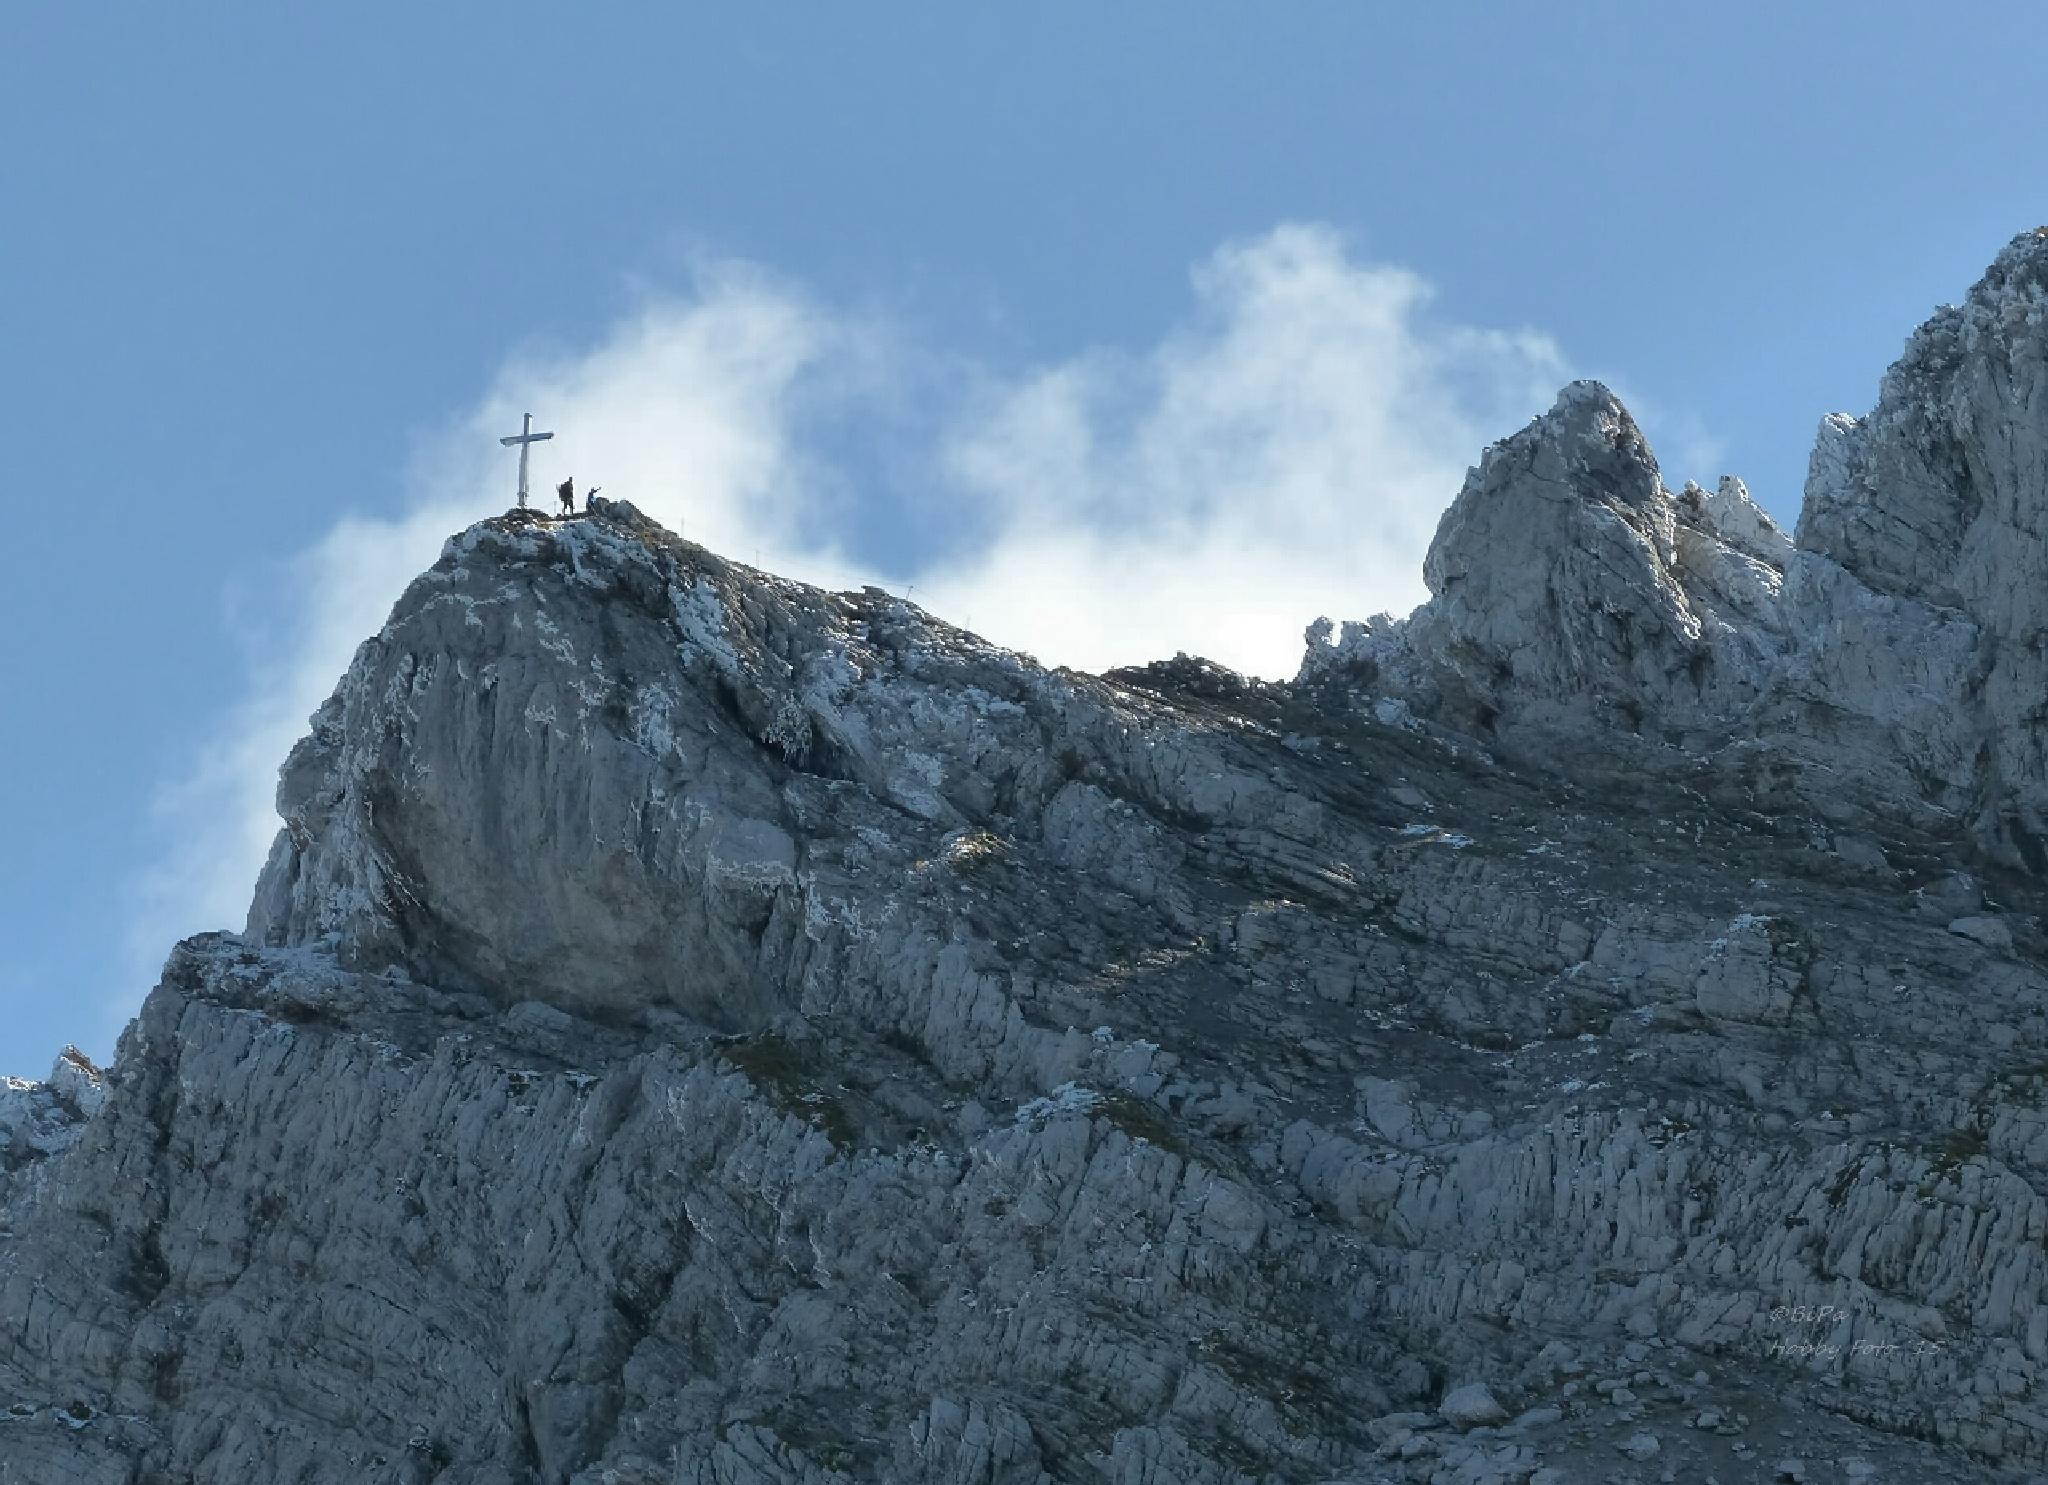 Gipfelstürmer...high on the mountaintop by Biri